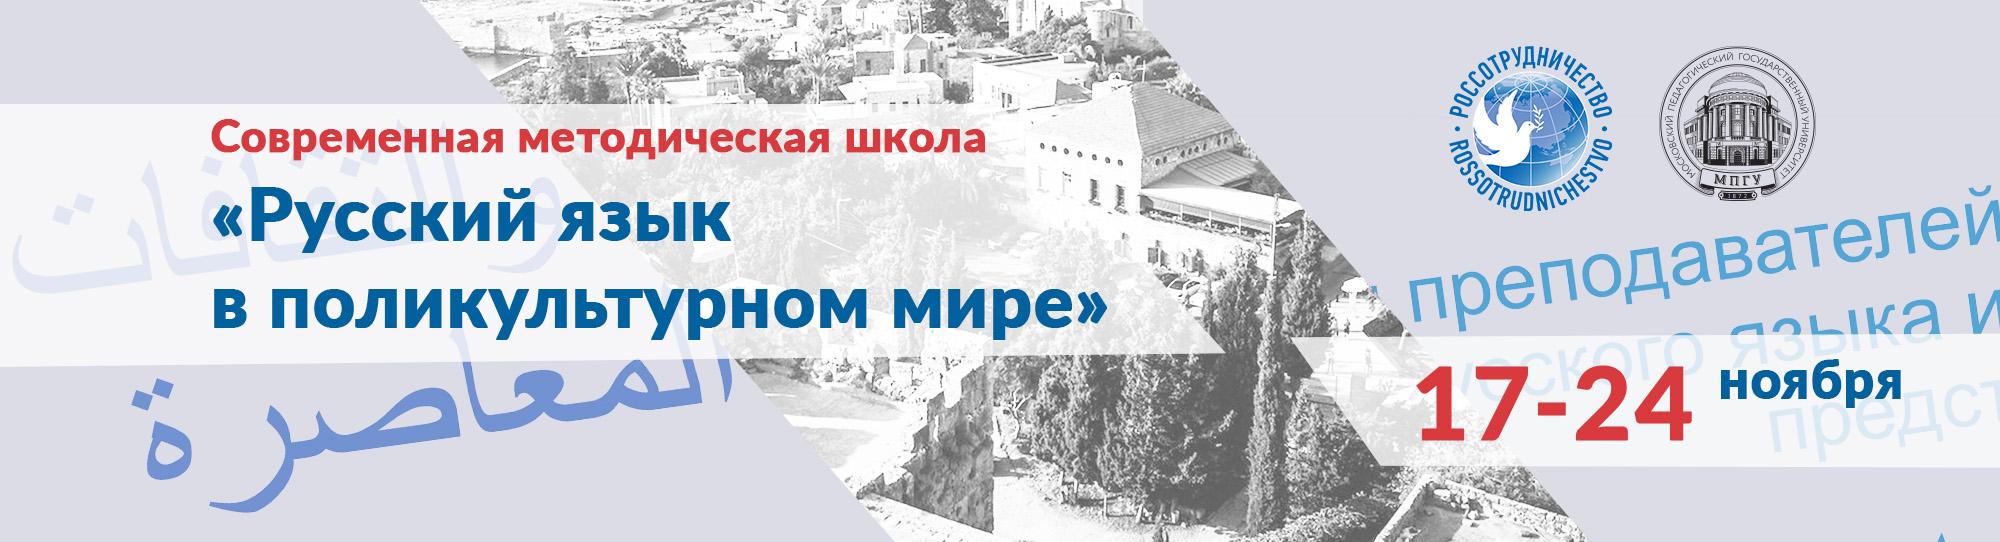 Современная методическая школа «Русский язык в поликультурном мире»